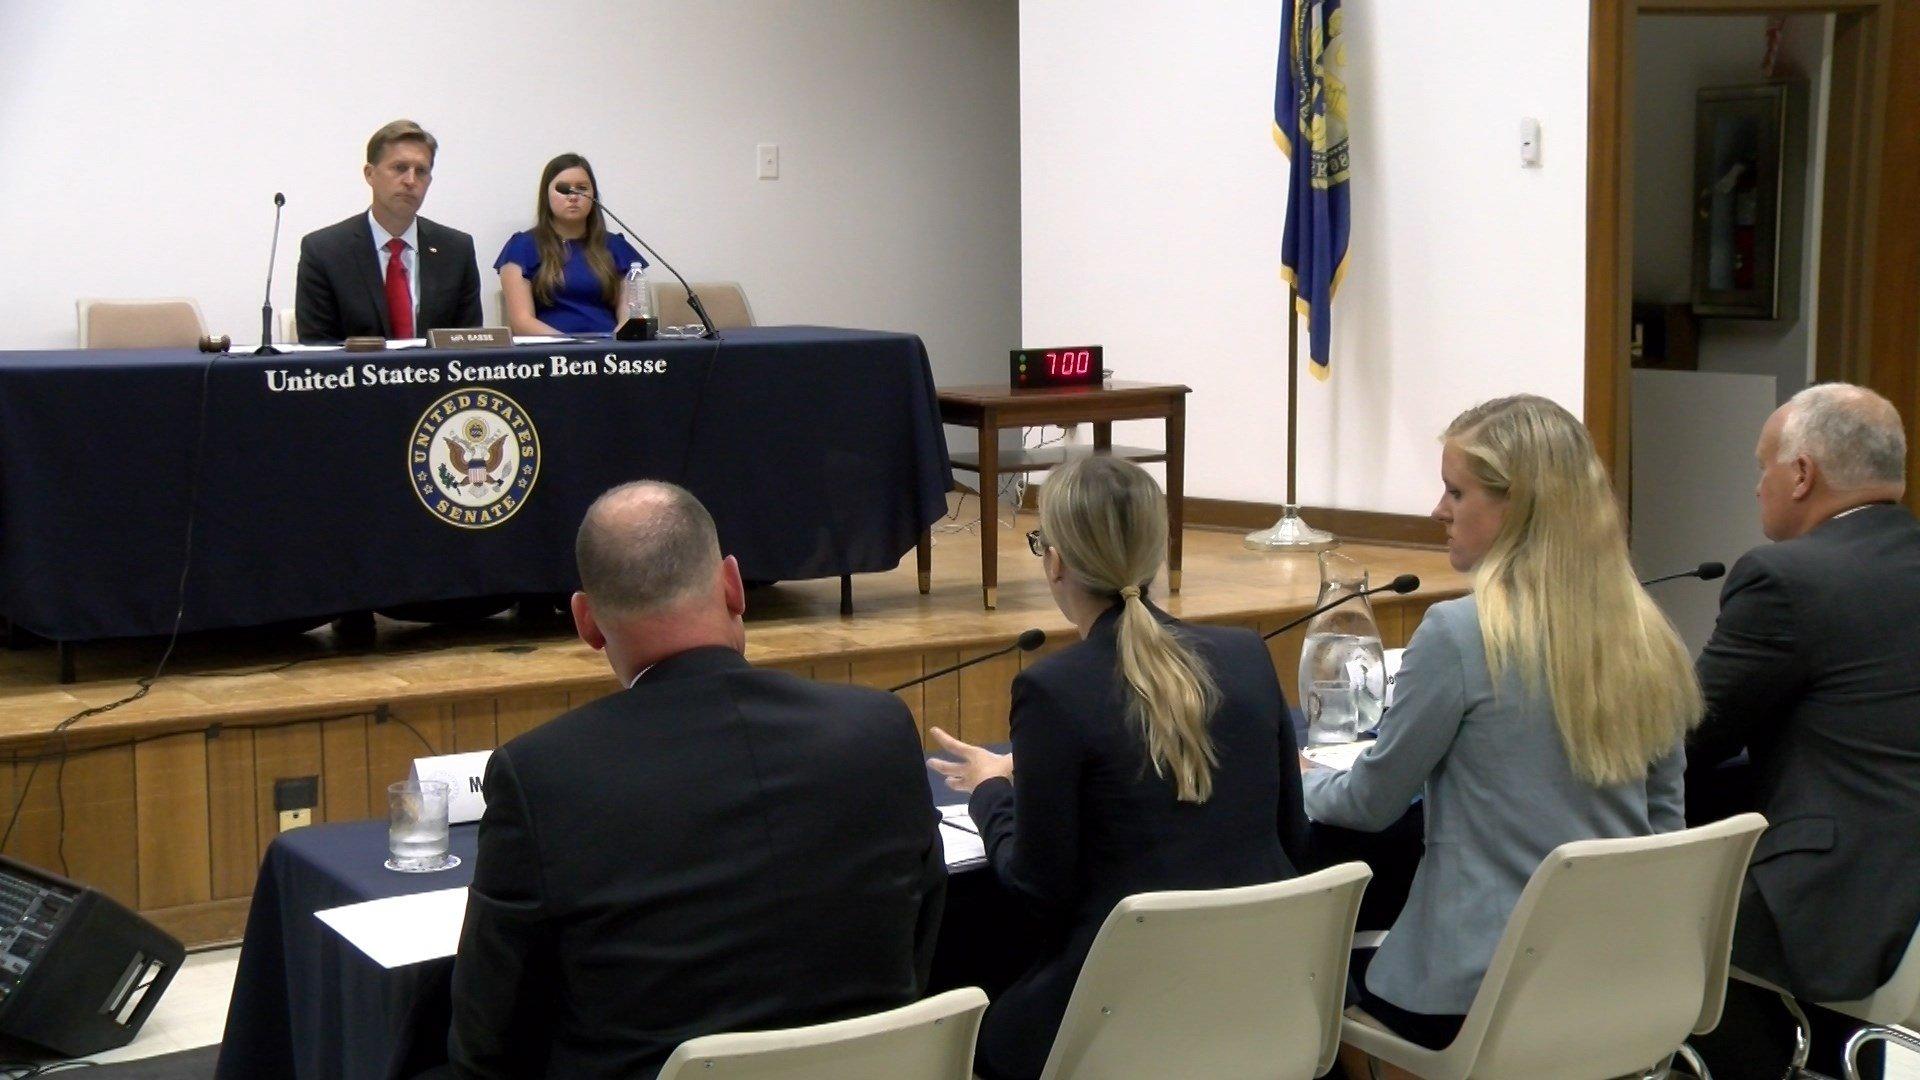 Senator Ben Sasse holds hearing about human trafficking in Nebraska